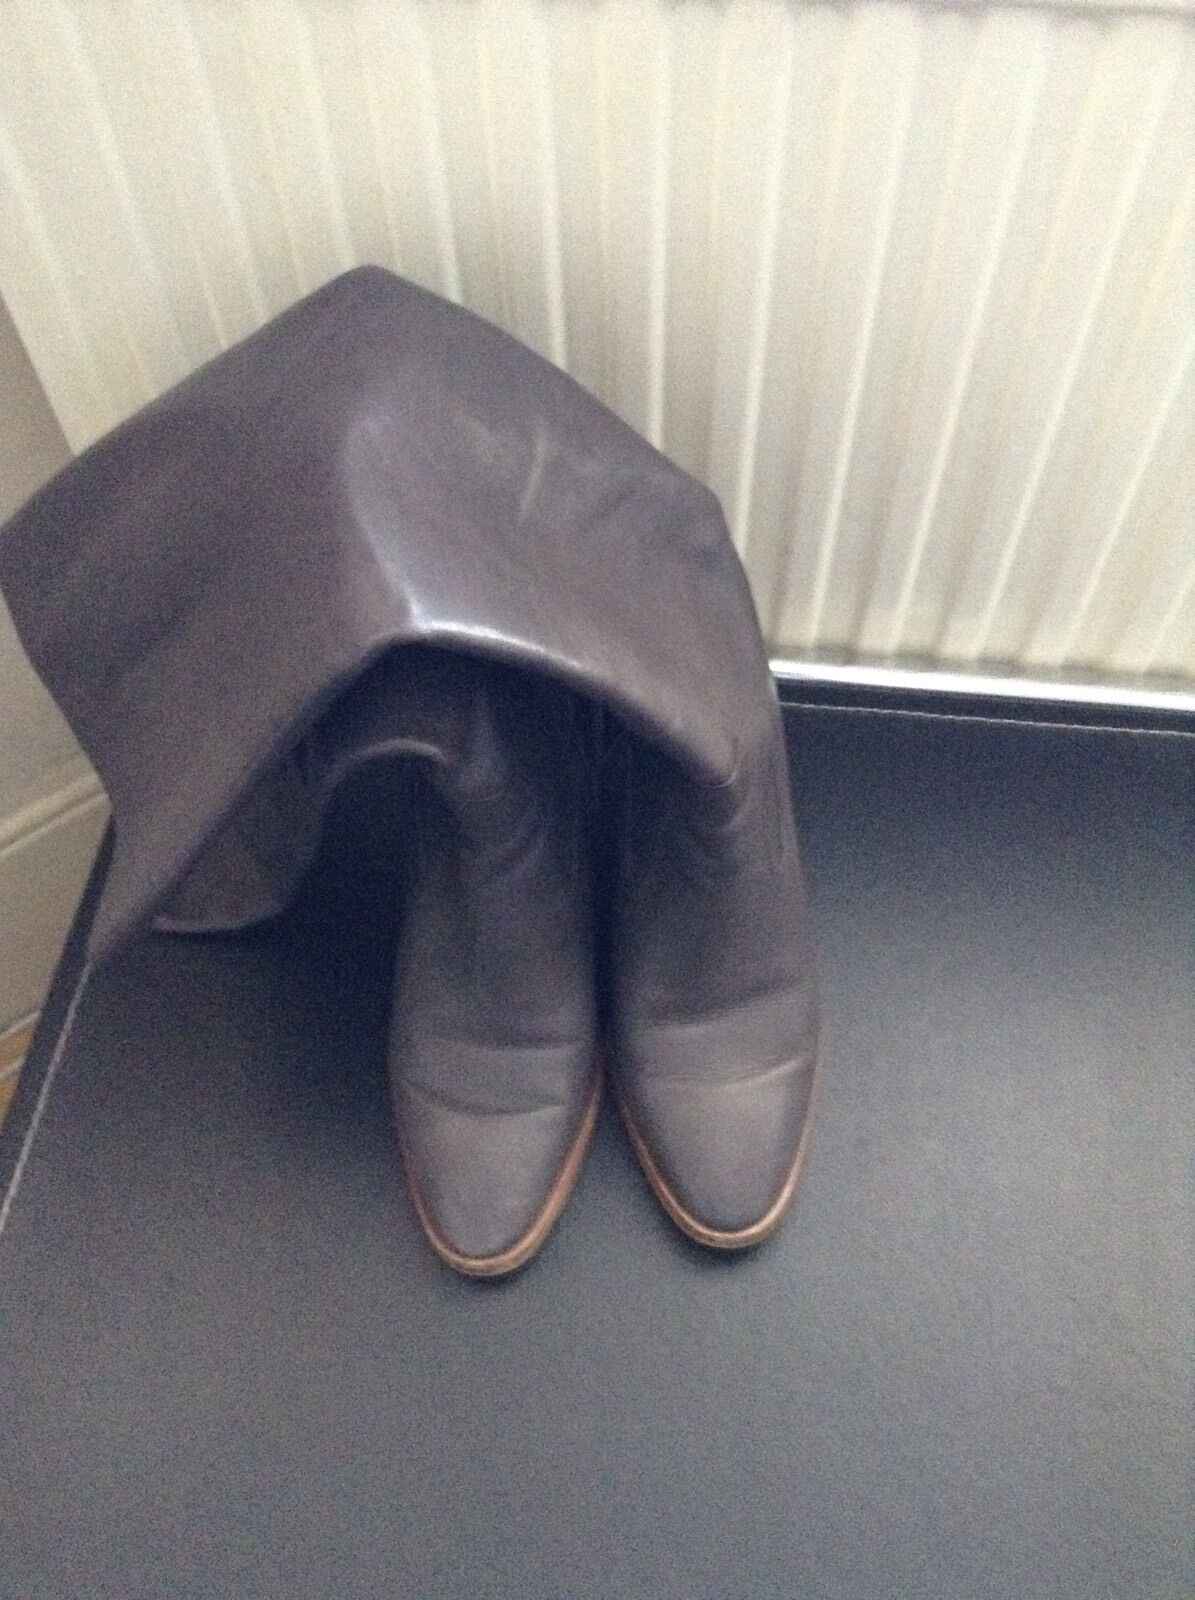 Stivali in Pelle Grigio, Taglia 40, Zara